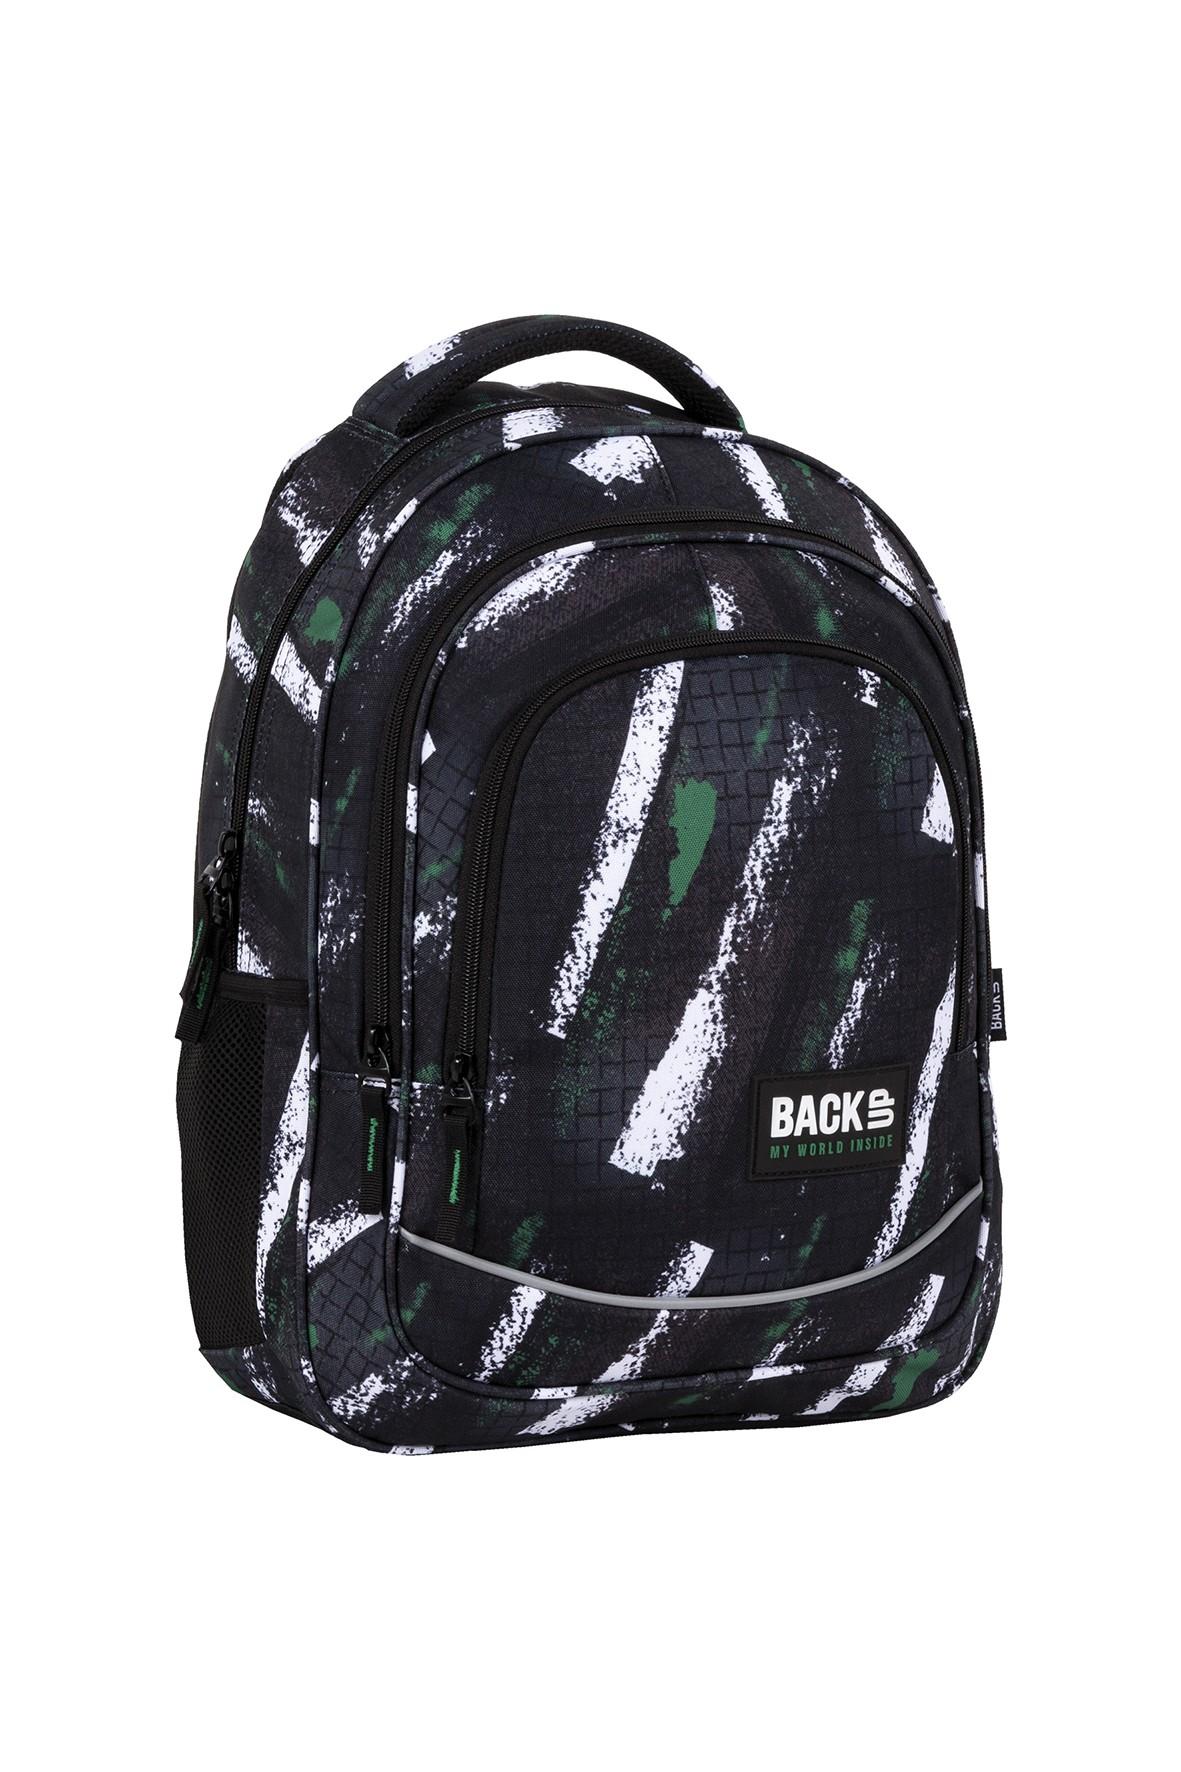 Plecak BackUp chłopięcy z wzorami